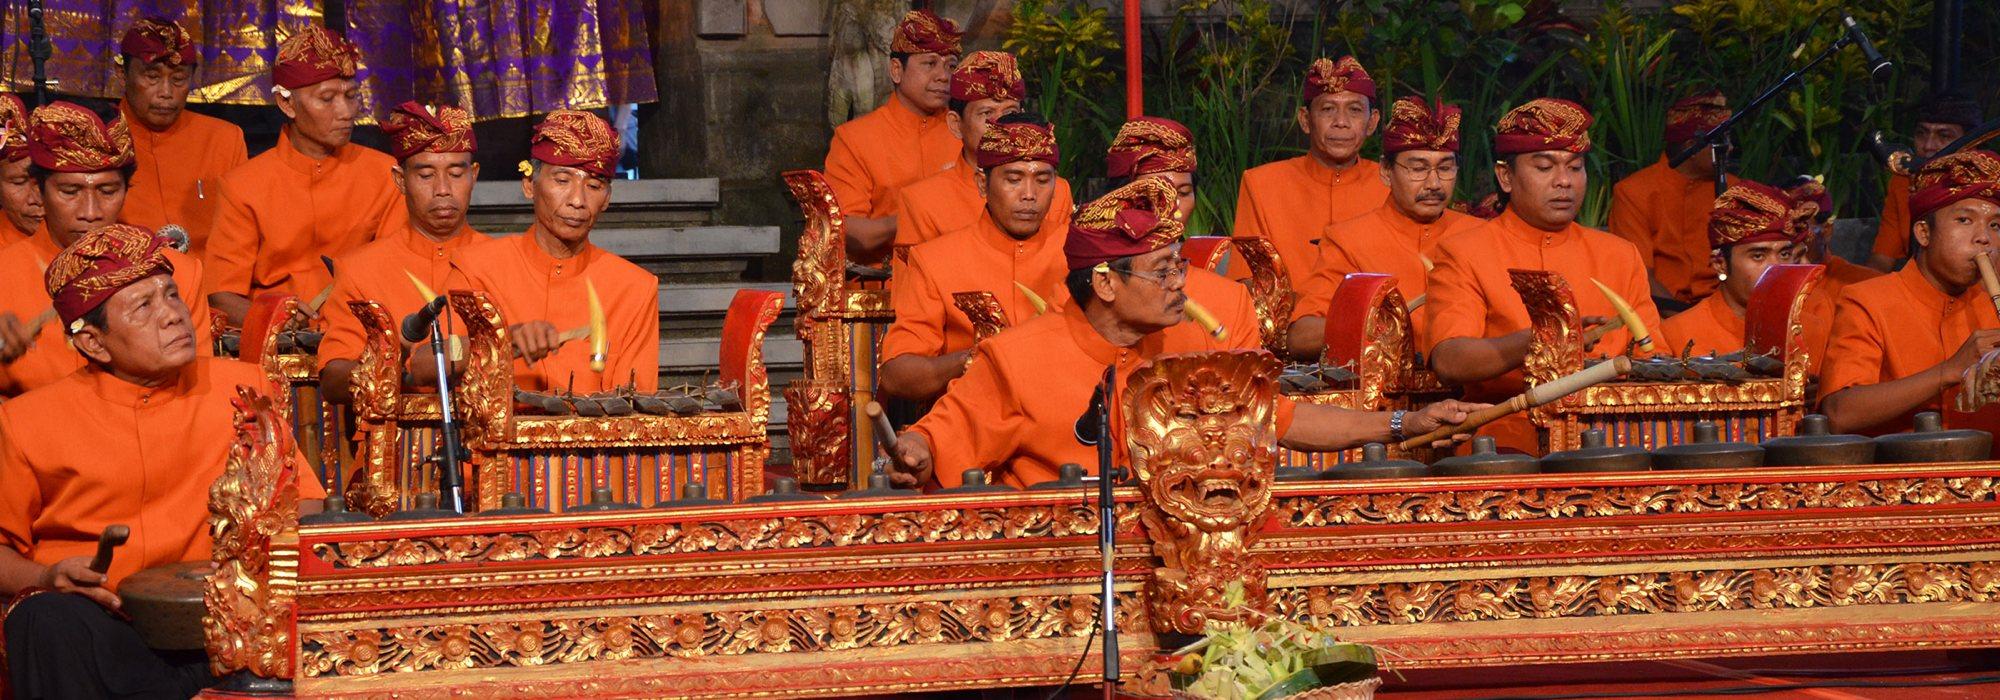 A dozen or so gamelan players wearing bright orange.